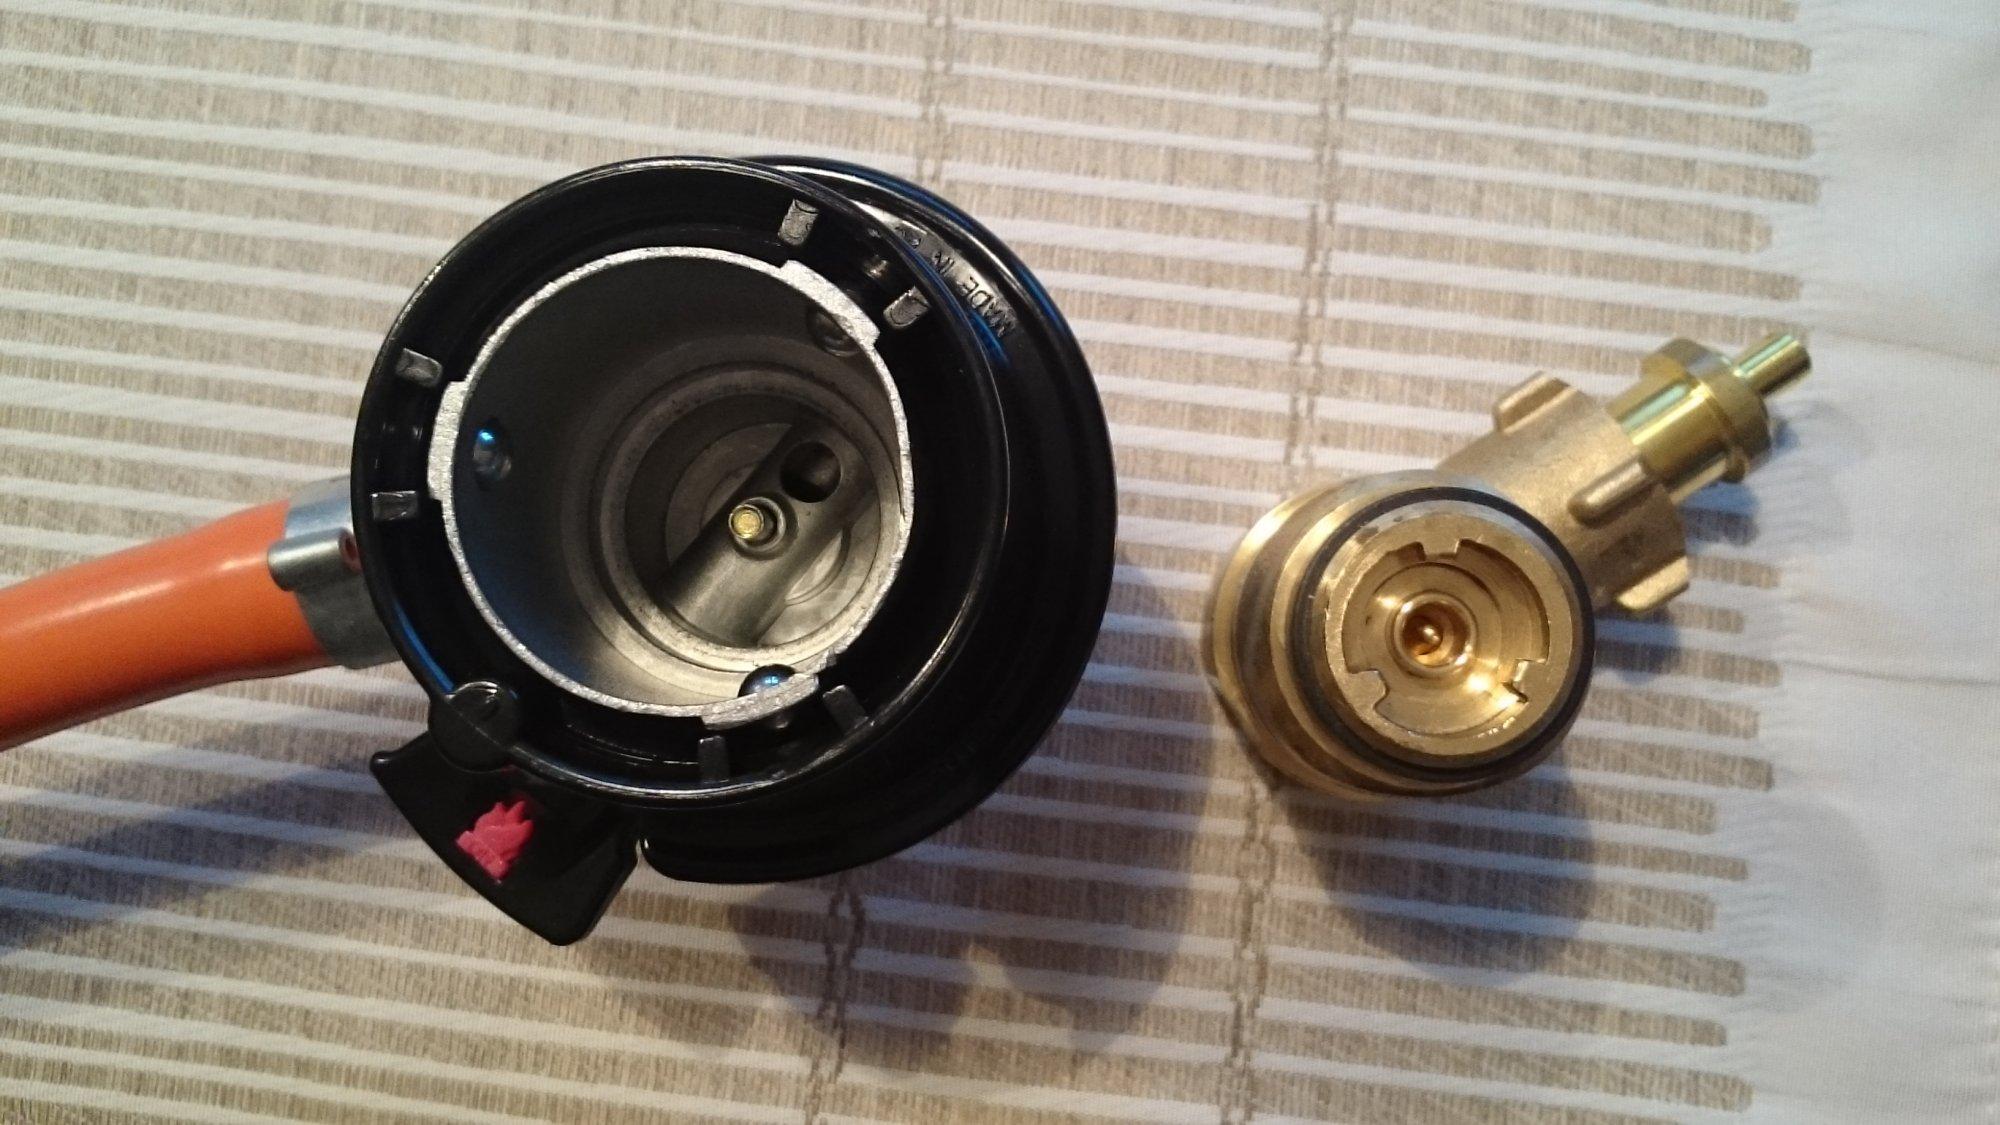 EU-Adapter #3 Druckminderer an Gasflasche A, P + D